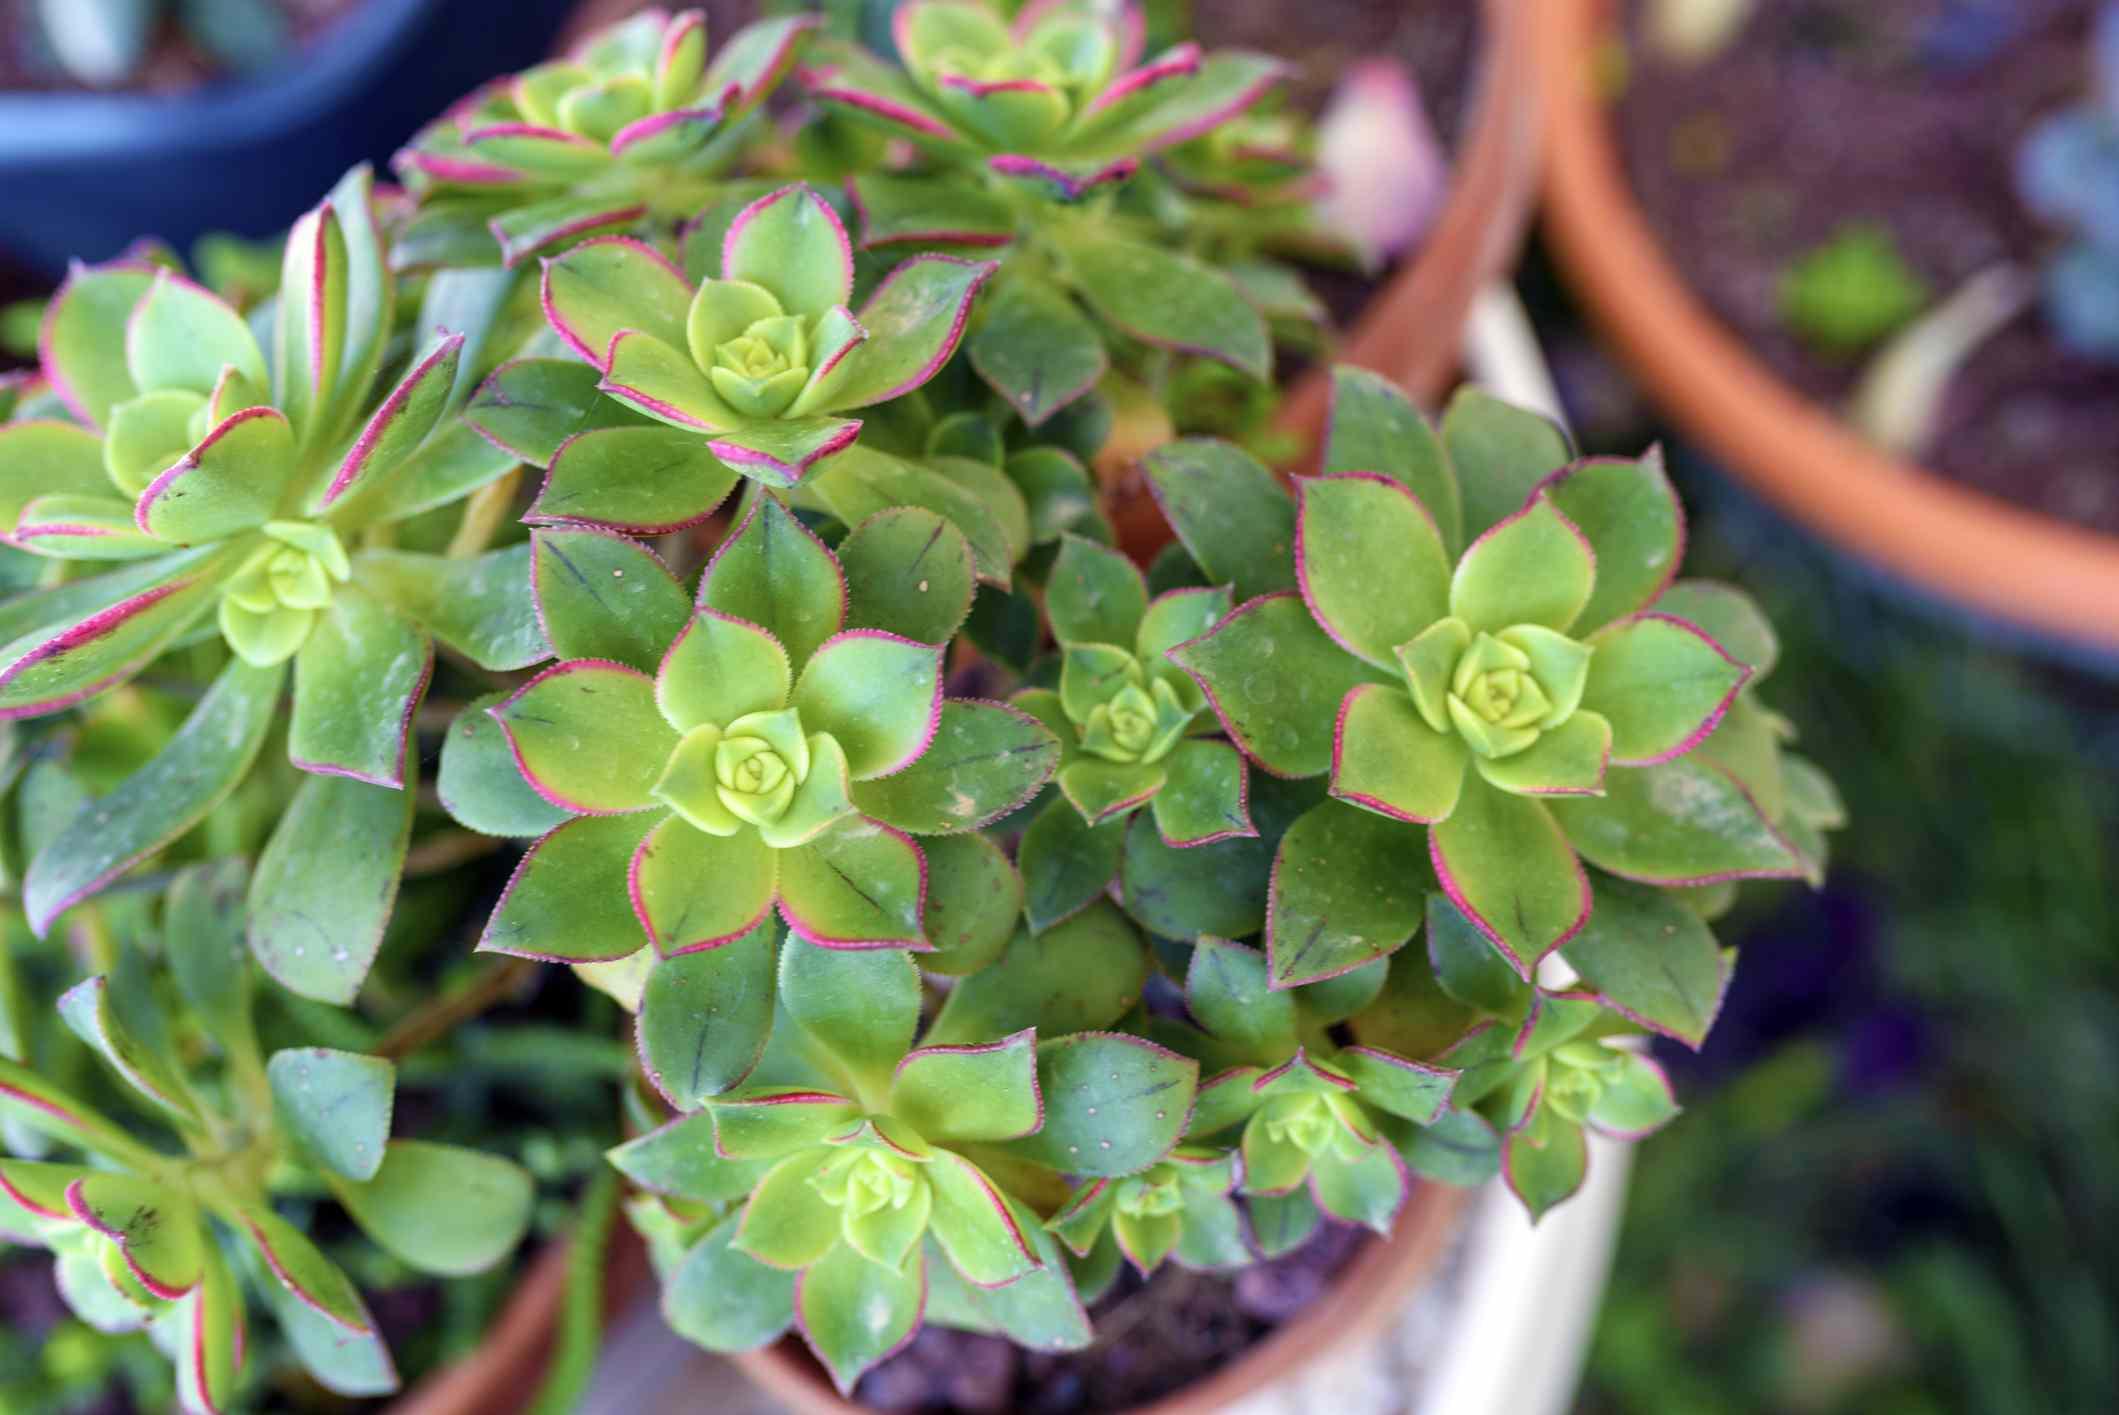 Aeonium Kiwi succulent plant in flower pot.